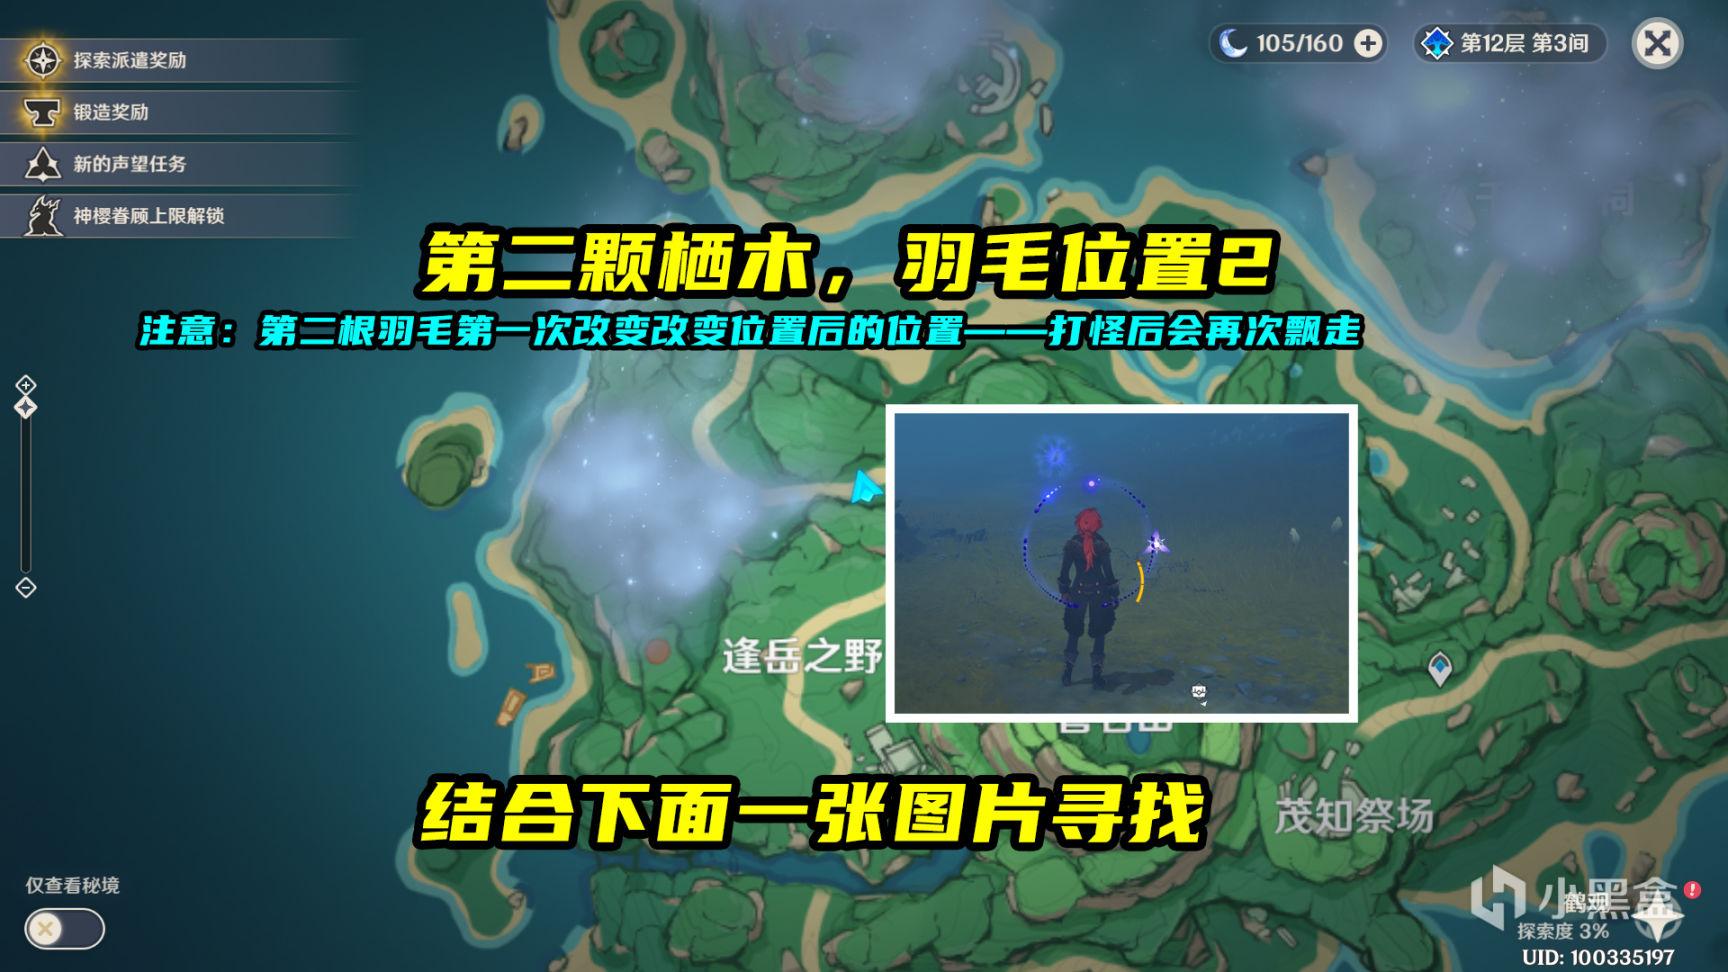 【雾海纪行】最详细的全攻略(多图警告)插图24